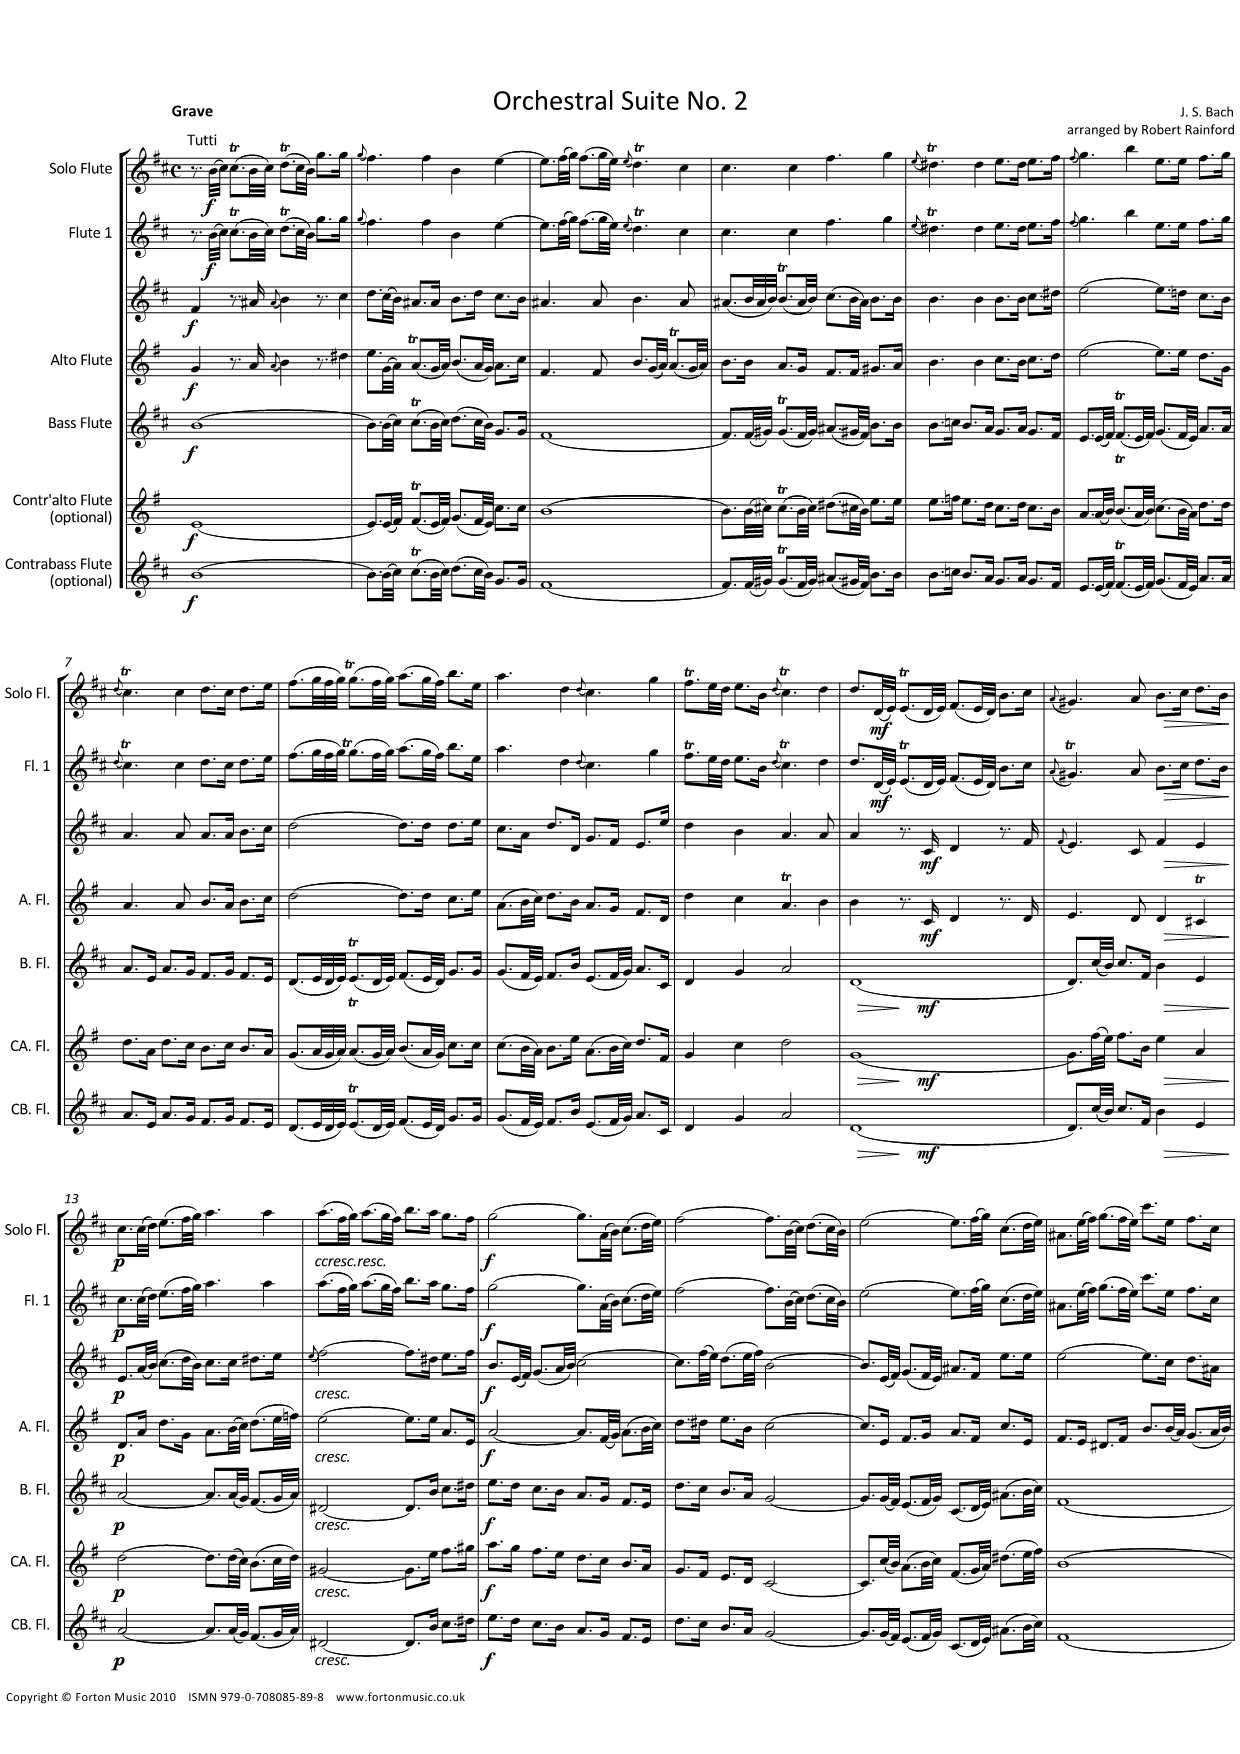 Orchestral Suite no 2